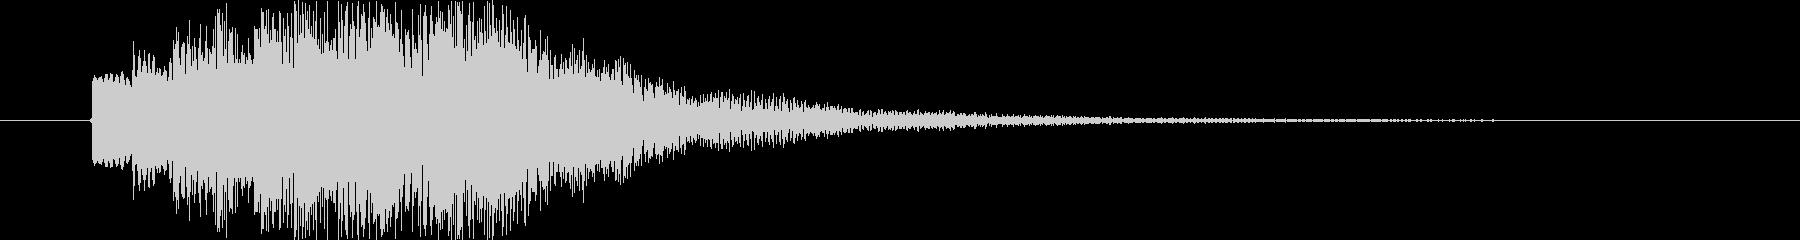 近未来的なステータスアップ効果音の未再生の波形